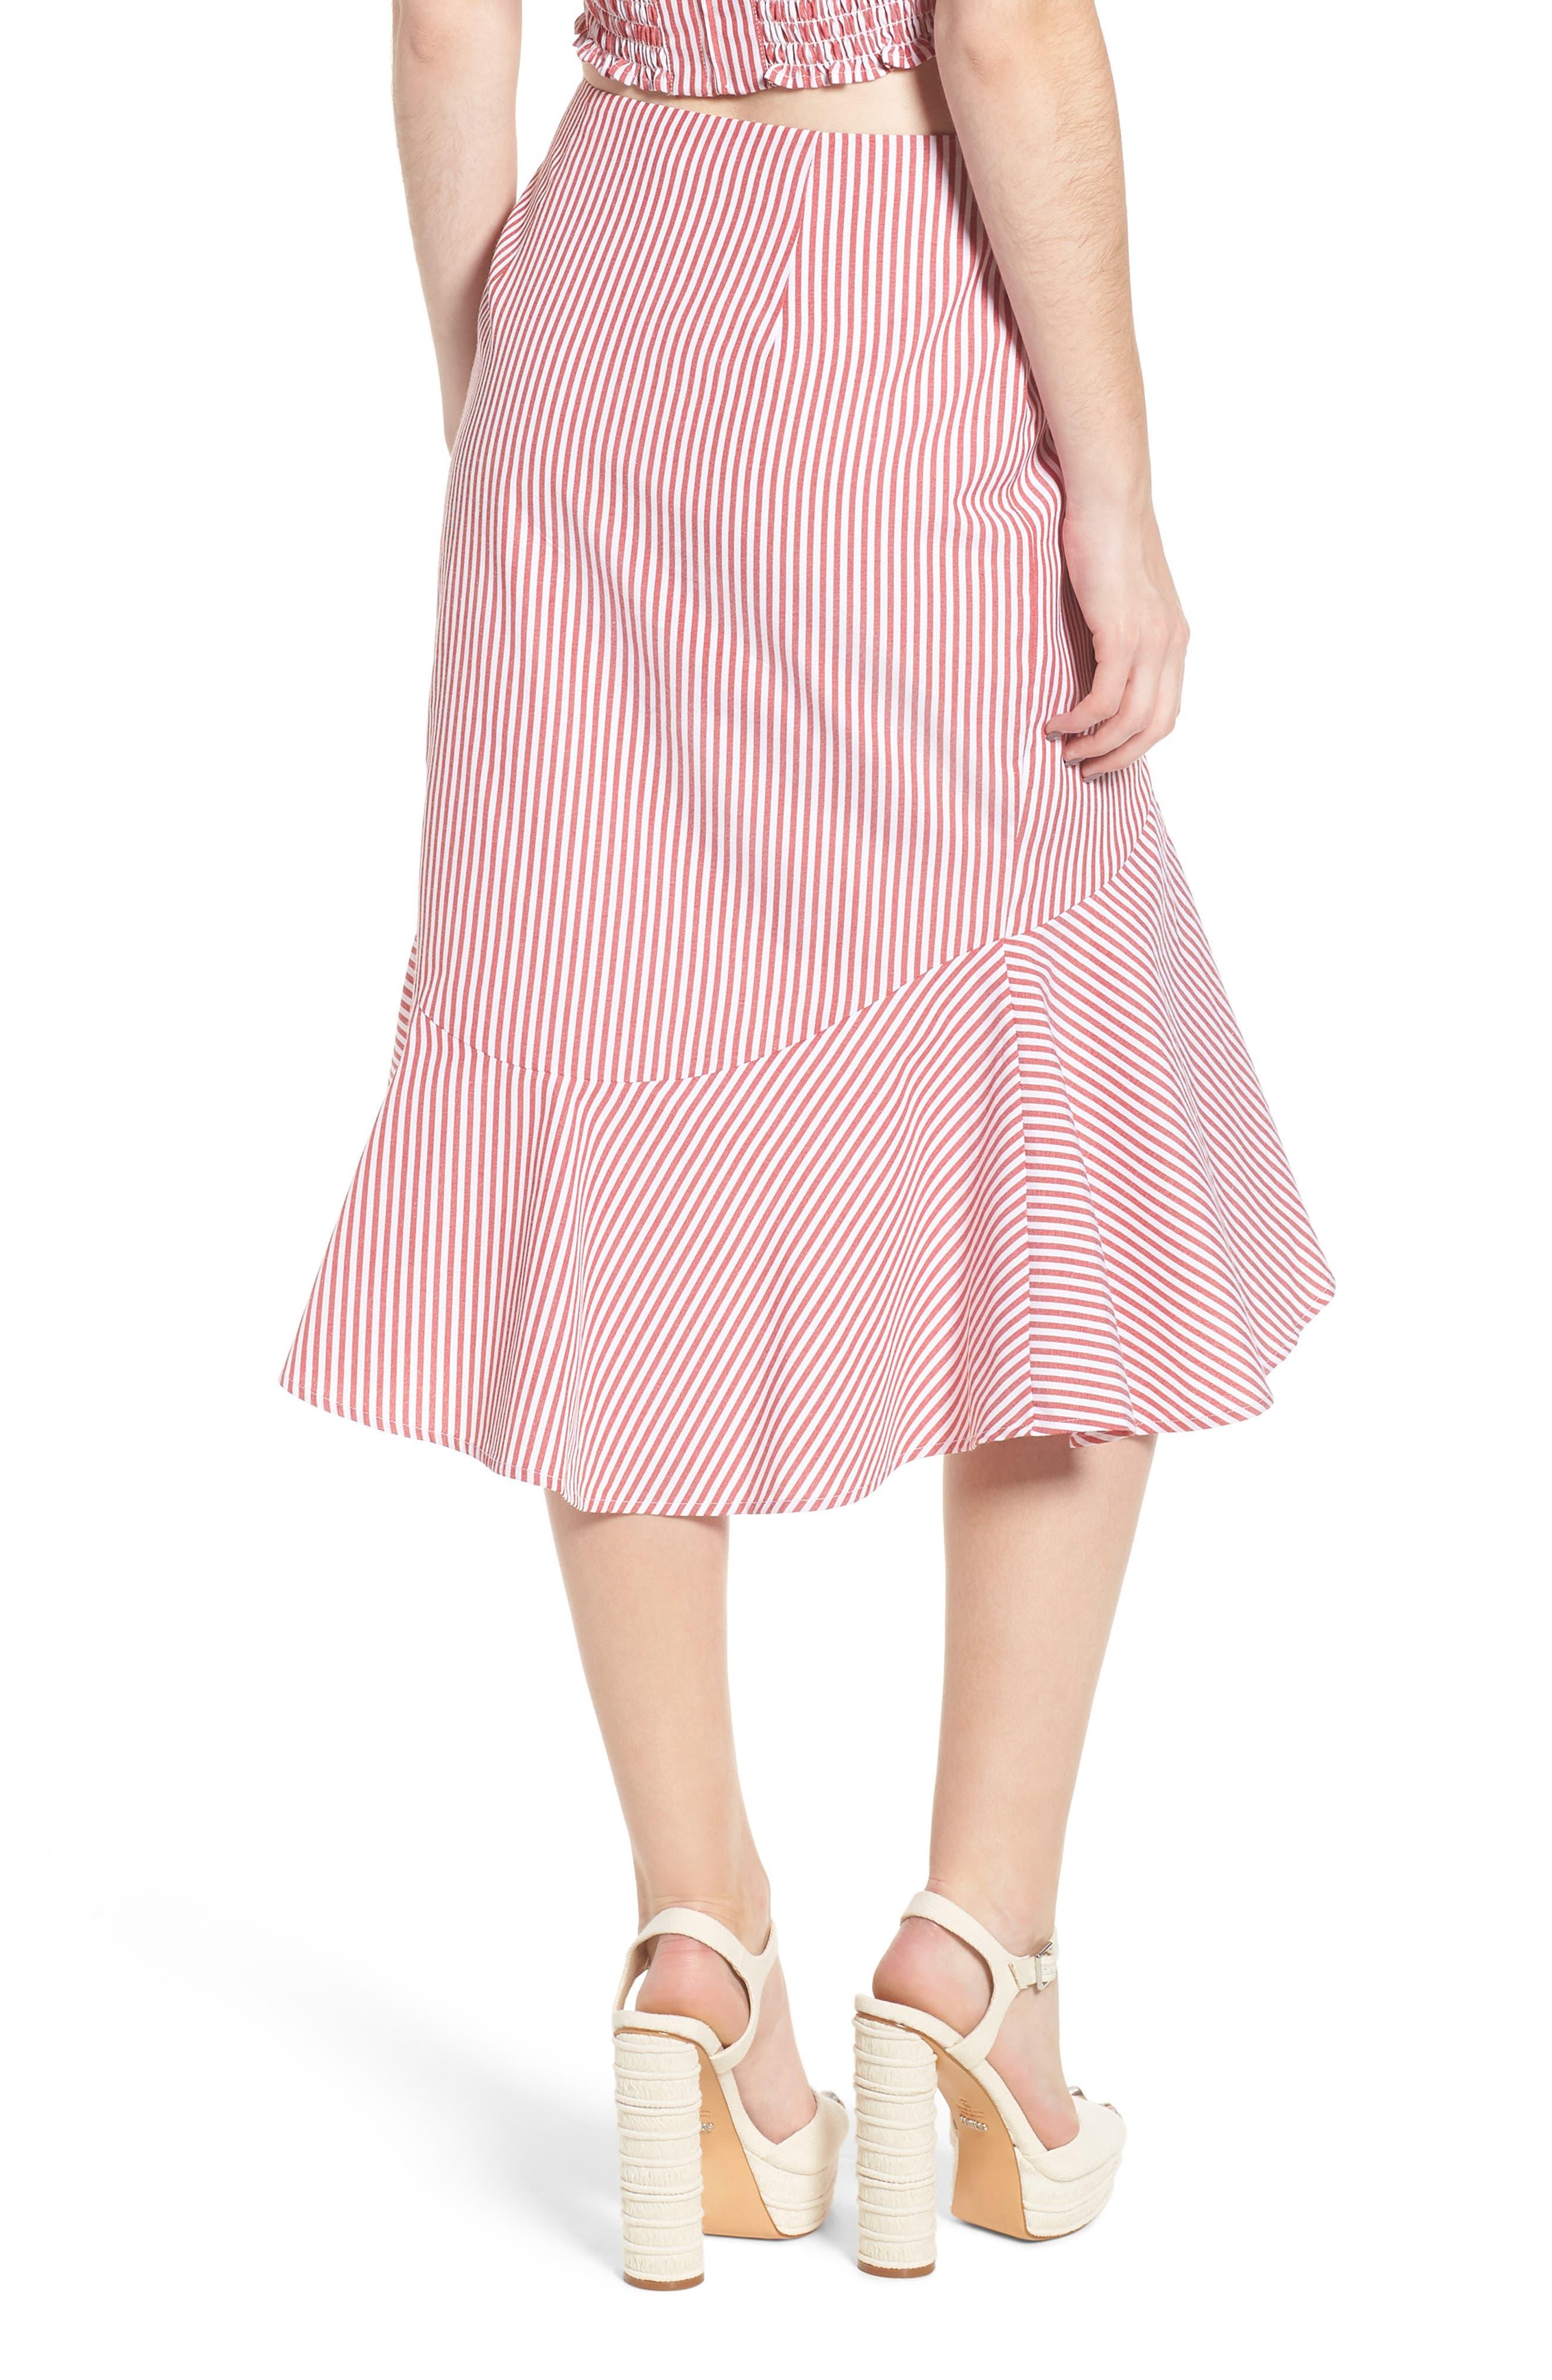 Naples Ruffle Skirt,                             Alternate thumbnail 2, color,